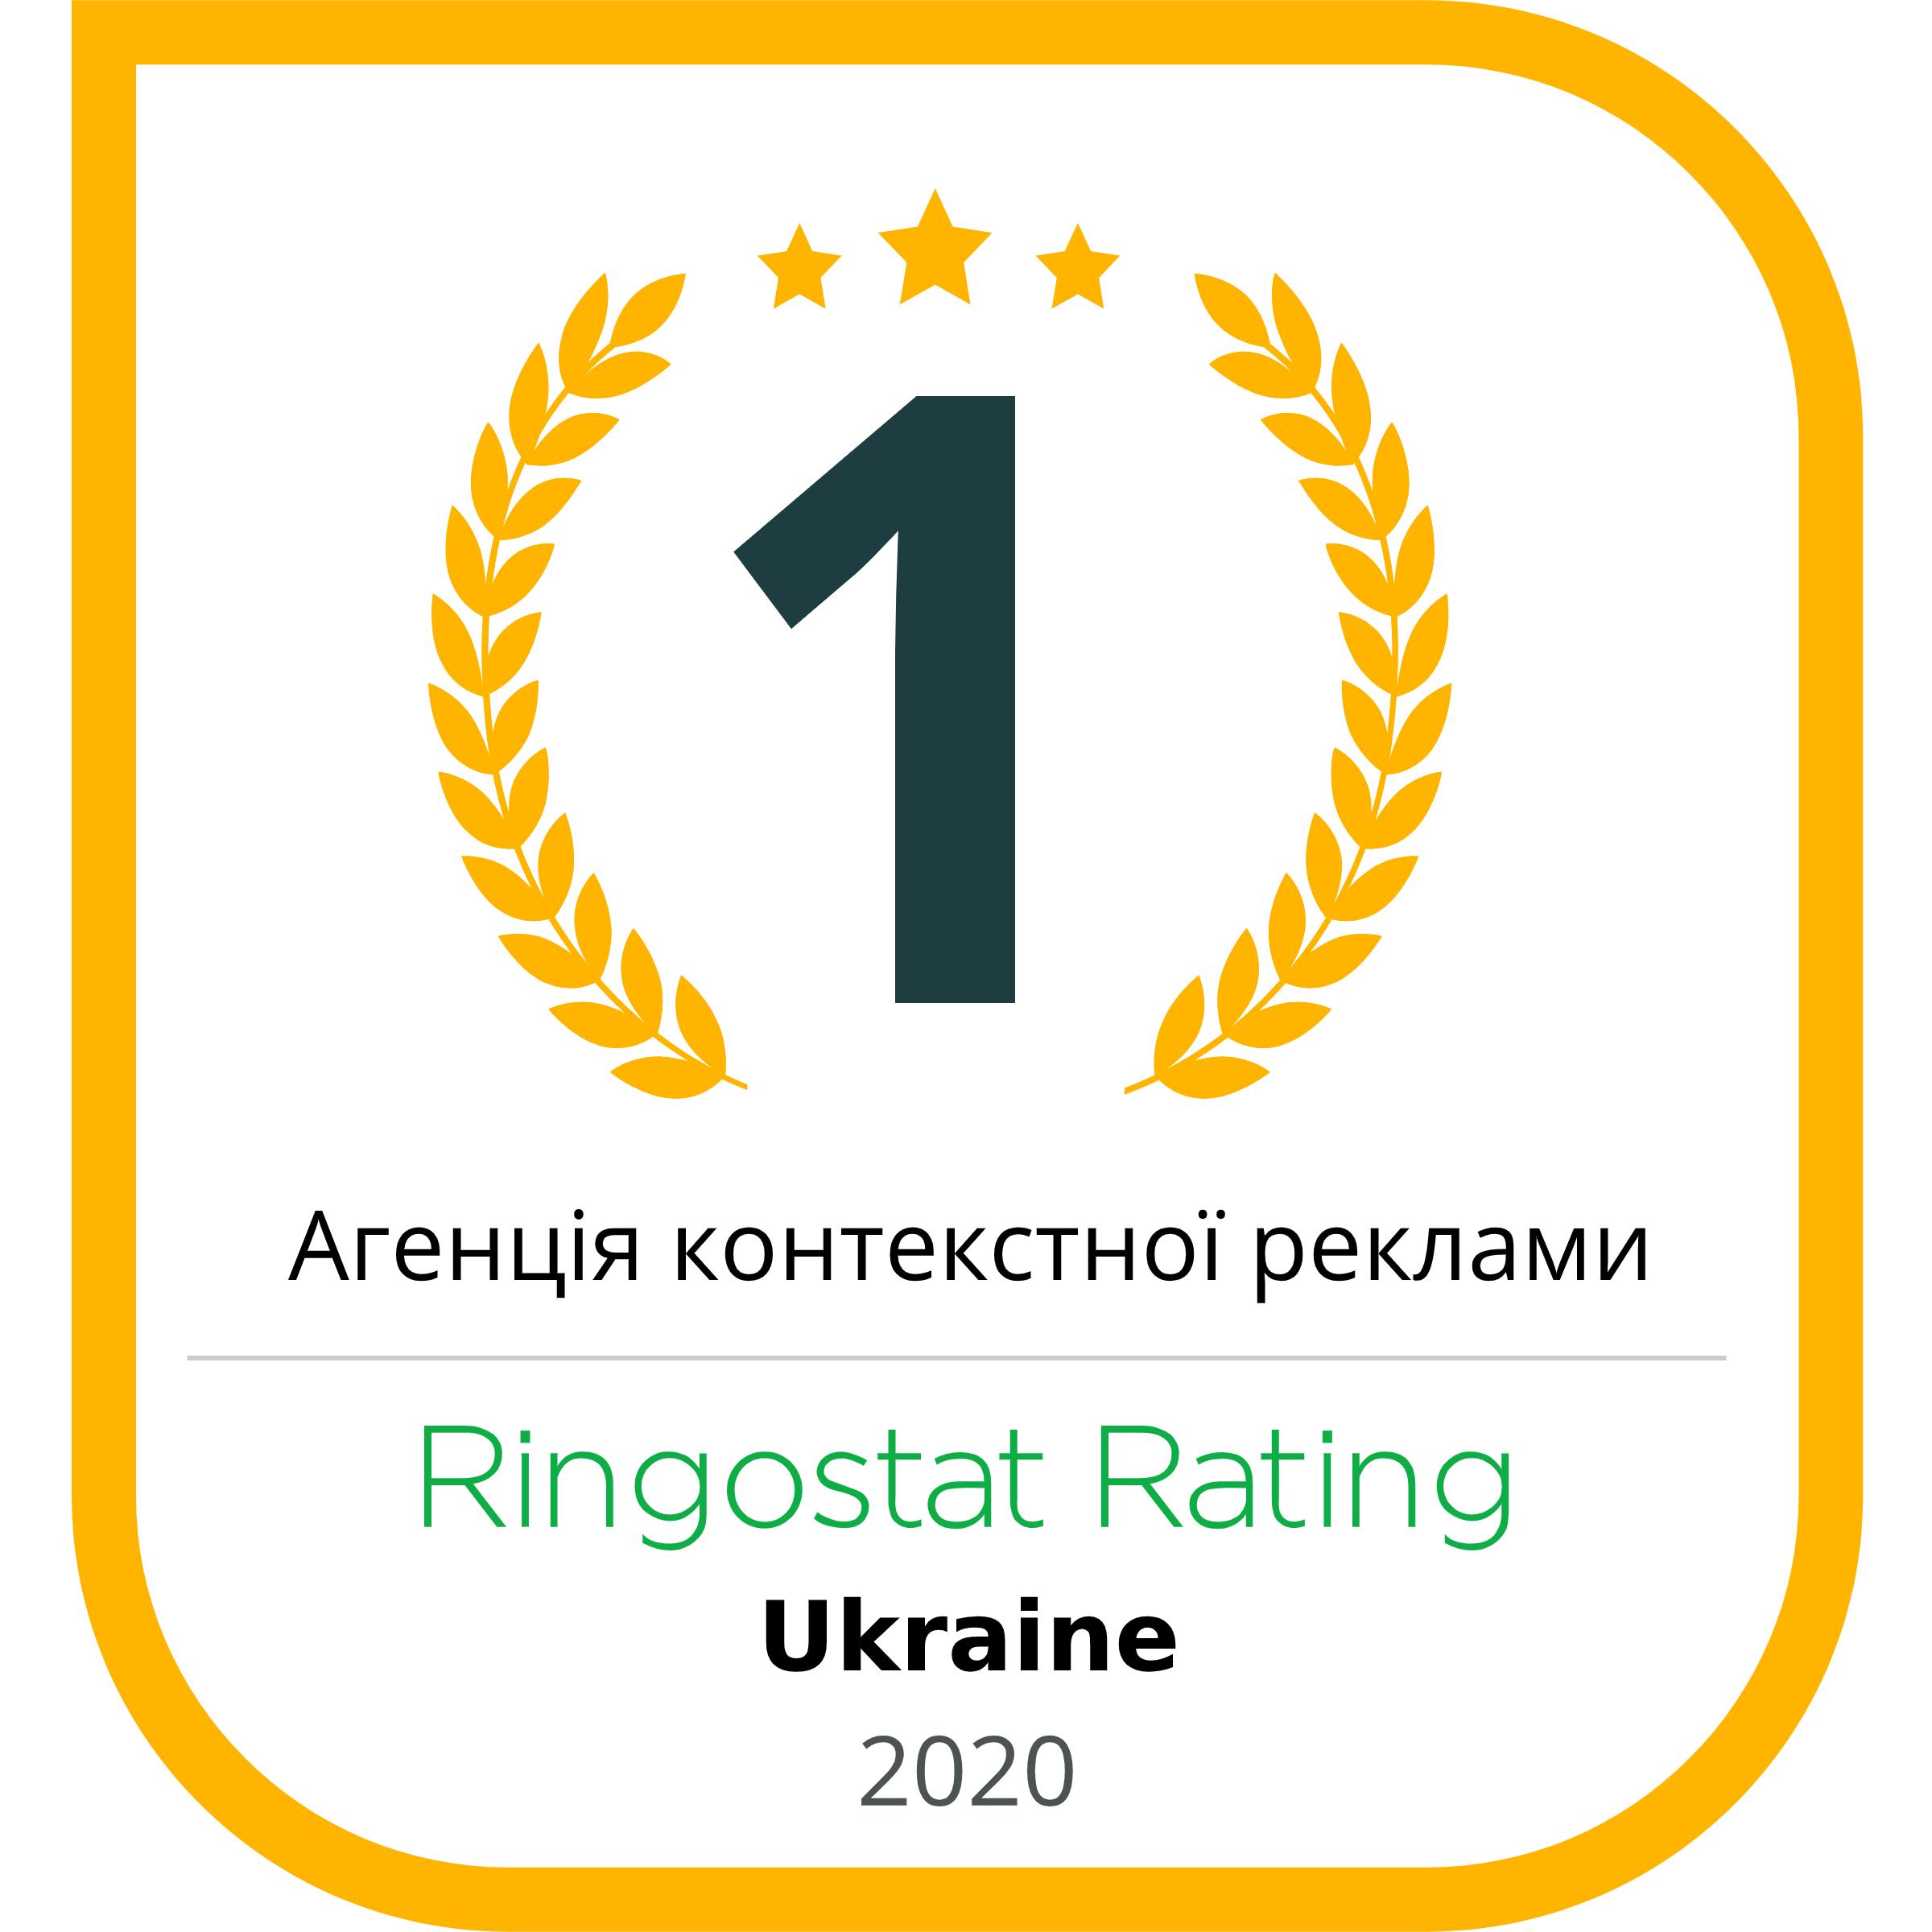 Рейтинг Ringostat: 1 место среди агентств контекстной рекламы Украины за 2020 год